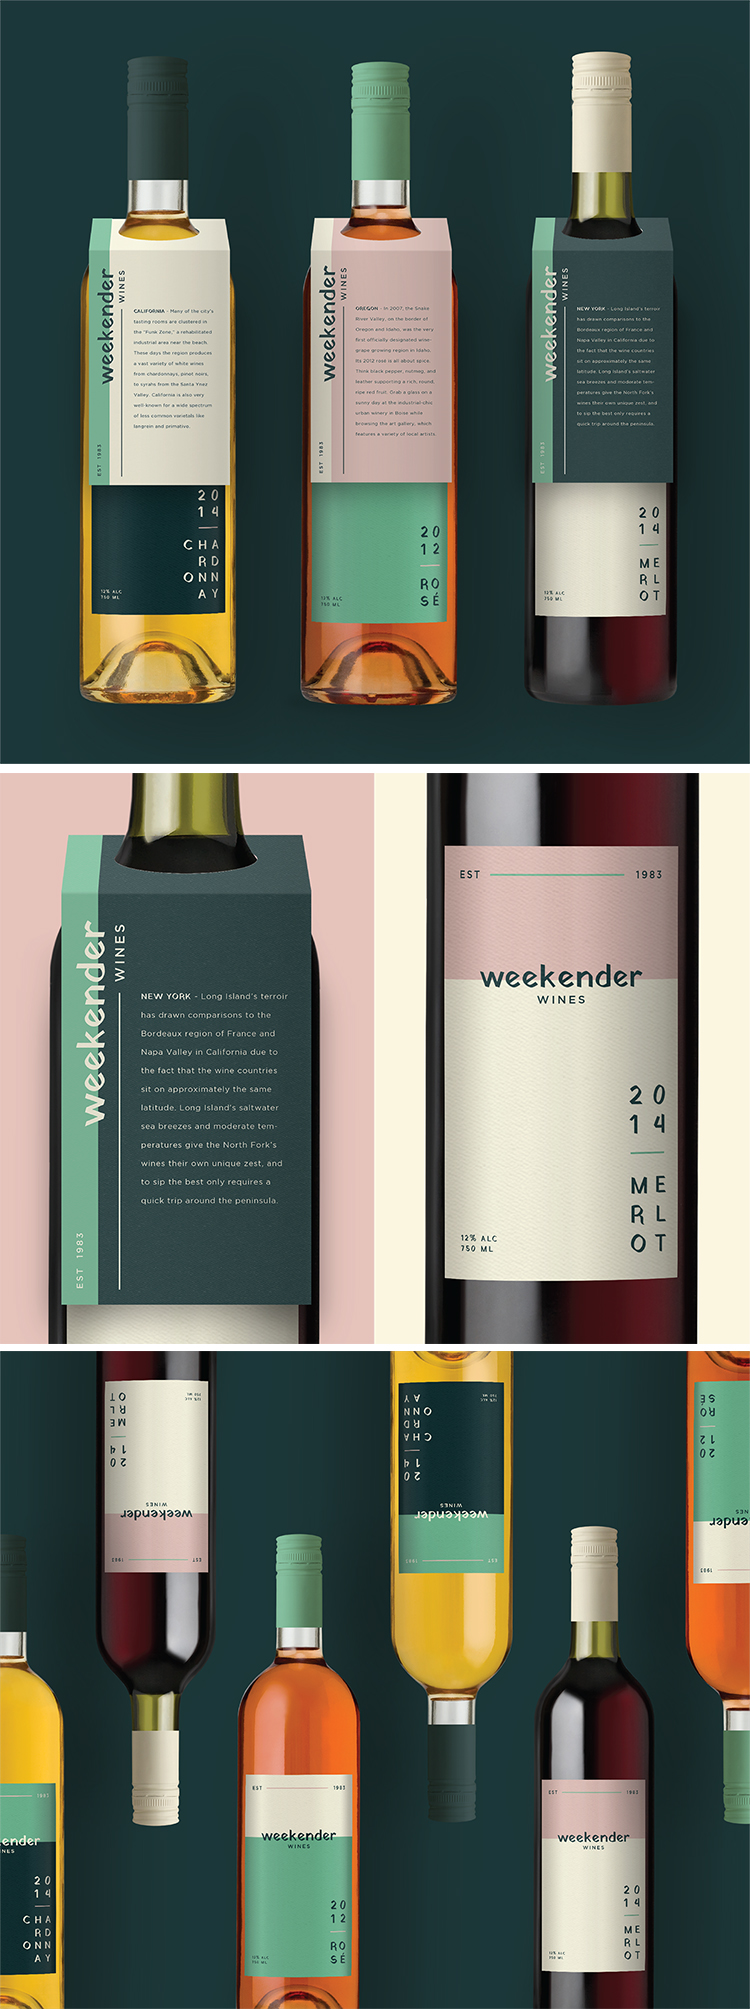 vin_förpackningsdesign@förpackad.jpg